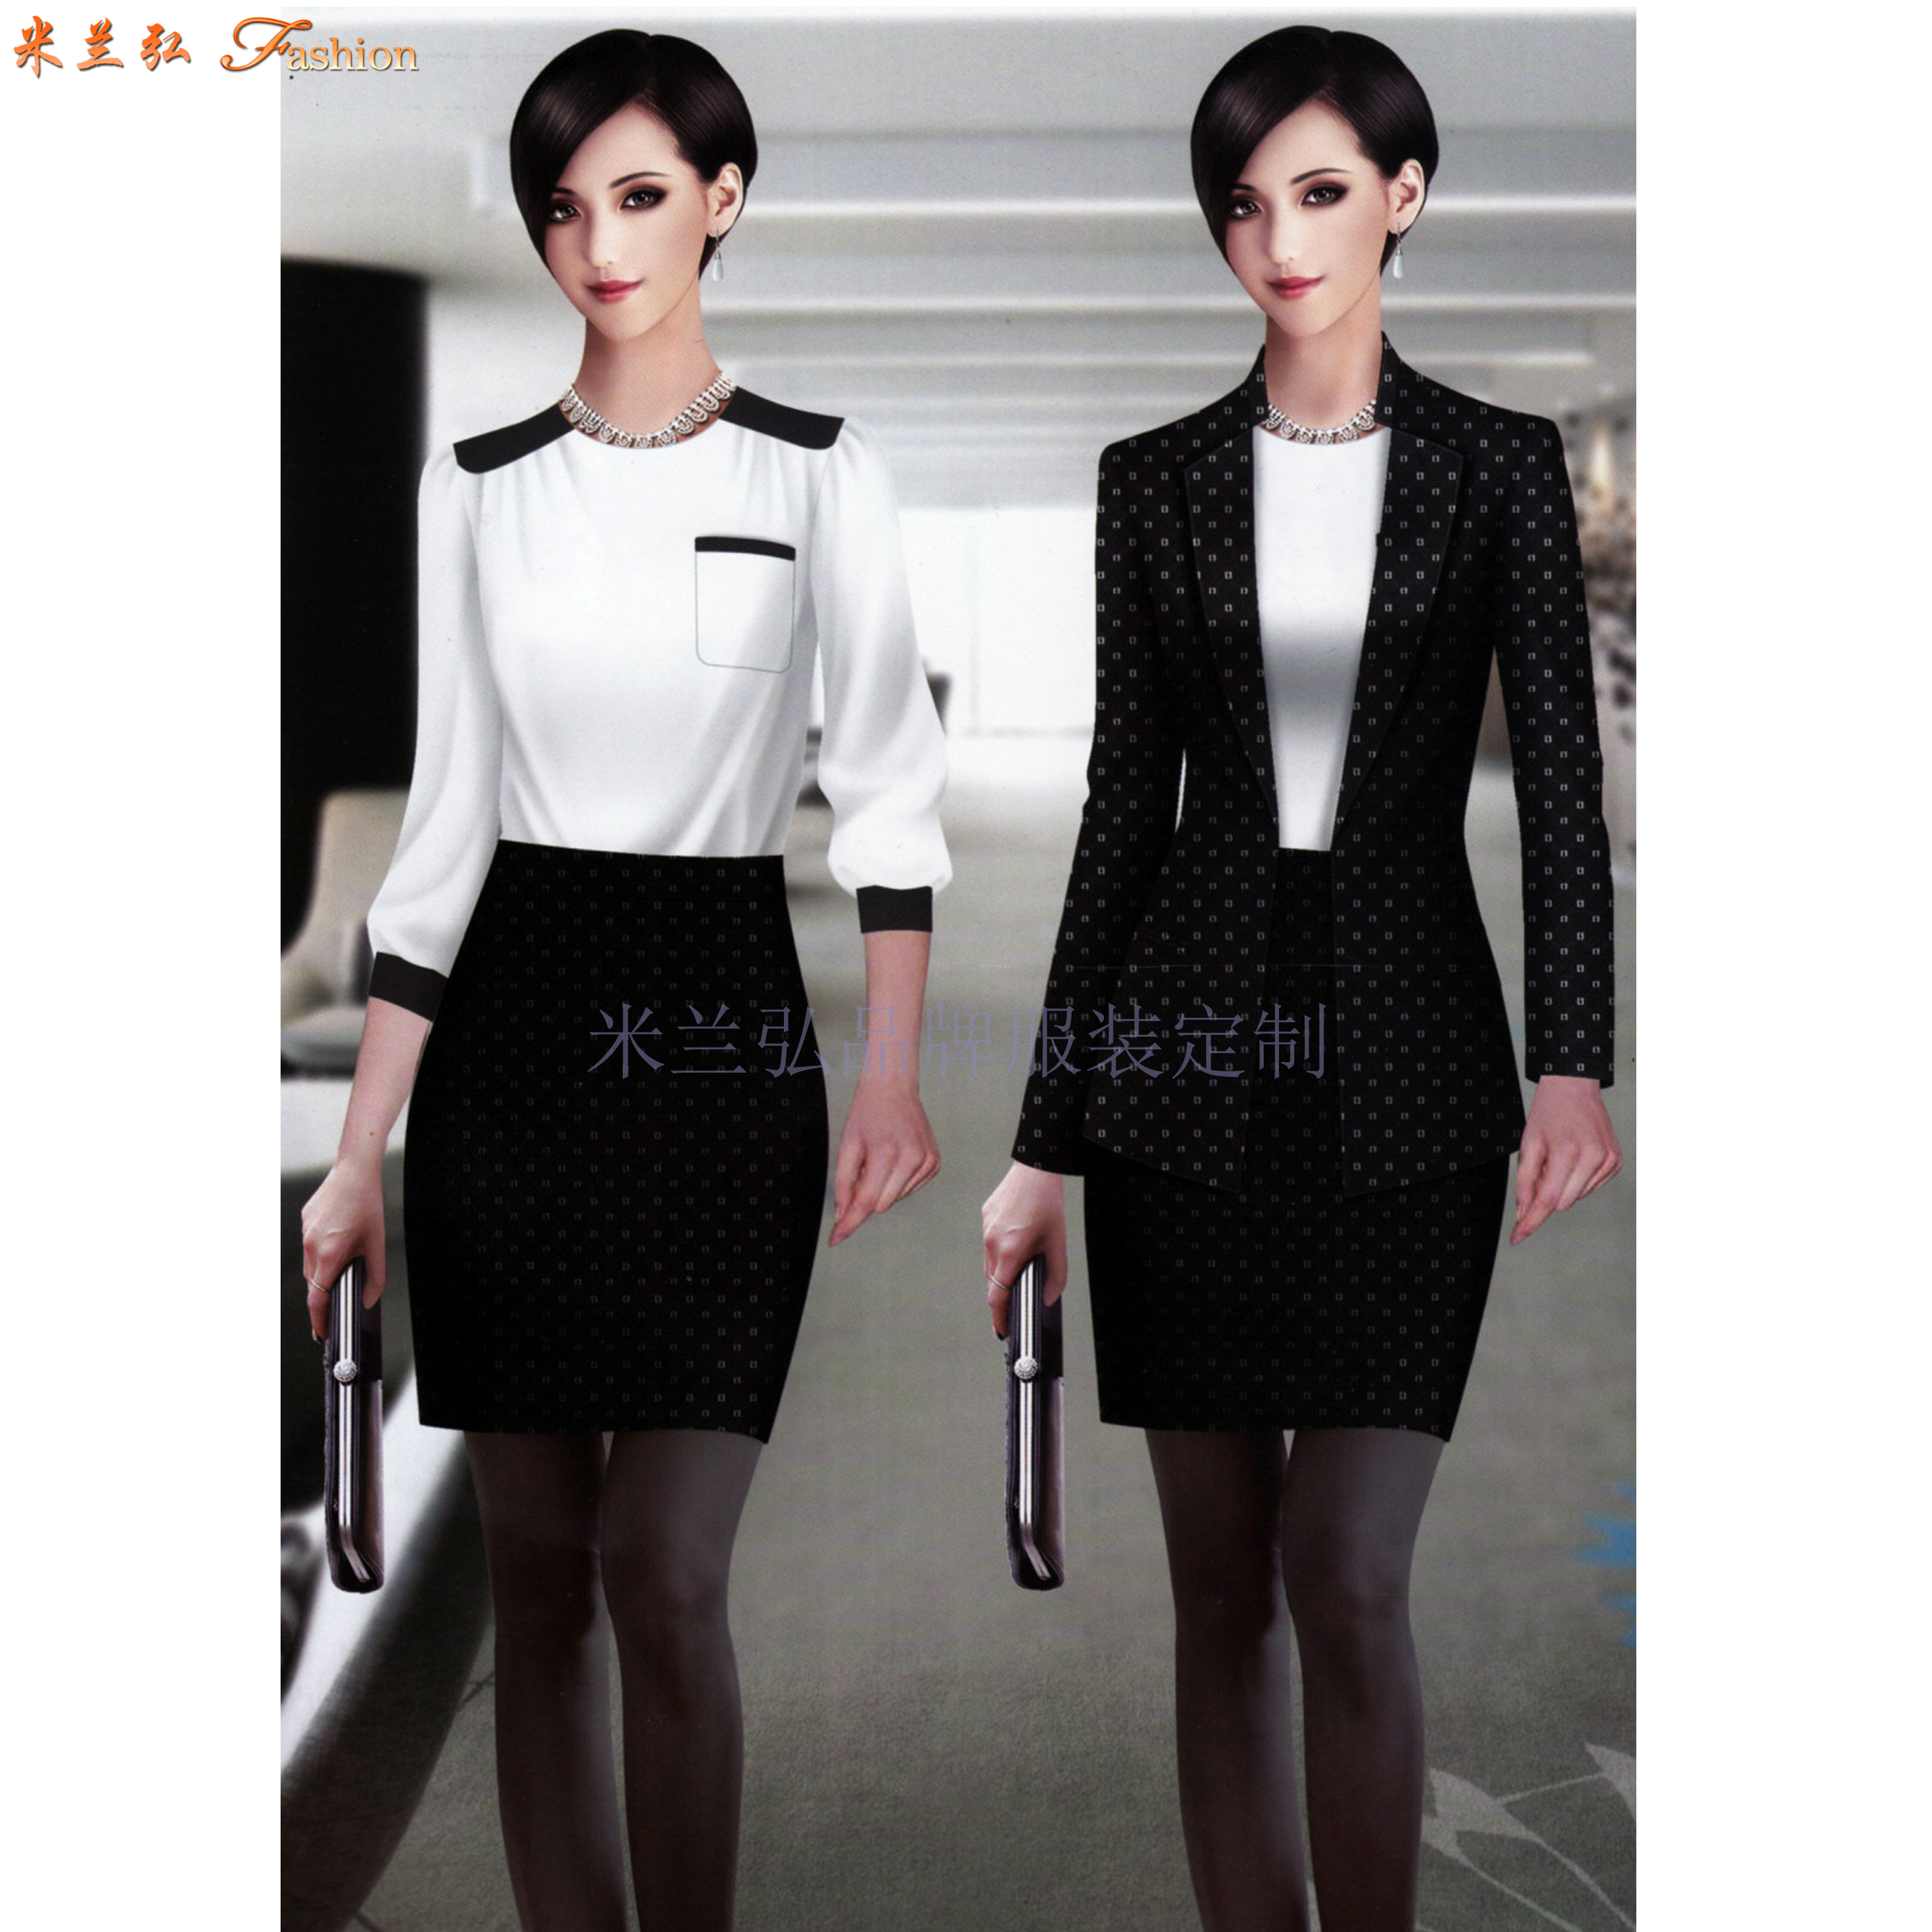 女職業裝套裝|美女搭配新款時尚職業小西服圖片-Top米蘭弘-2